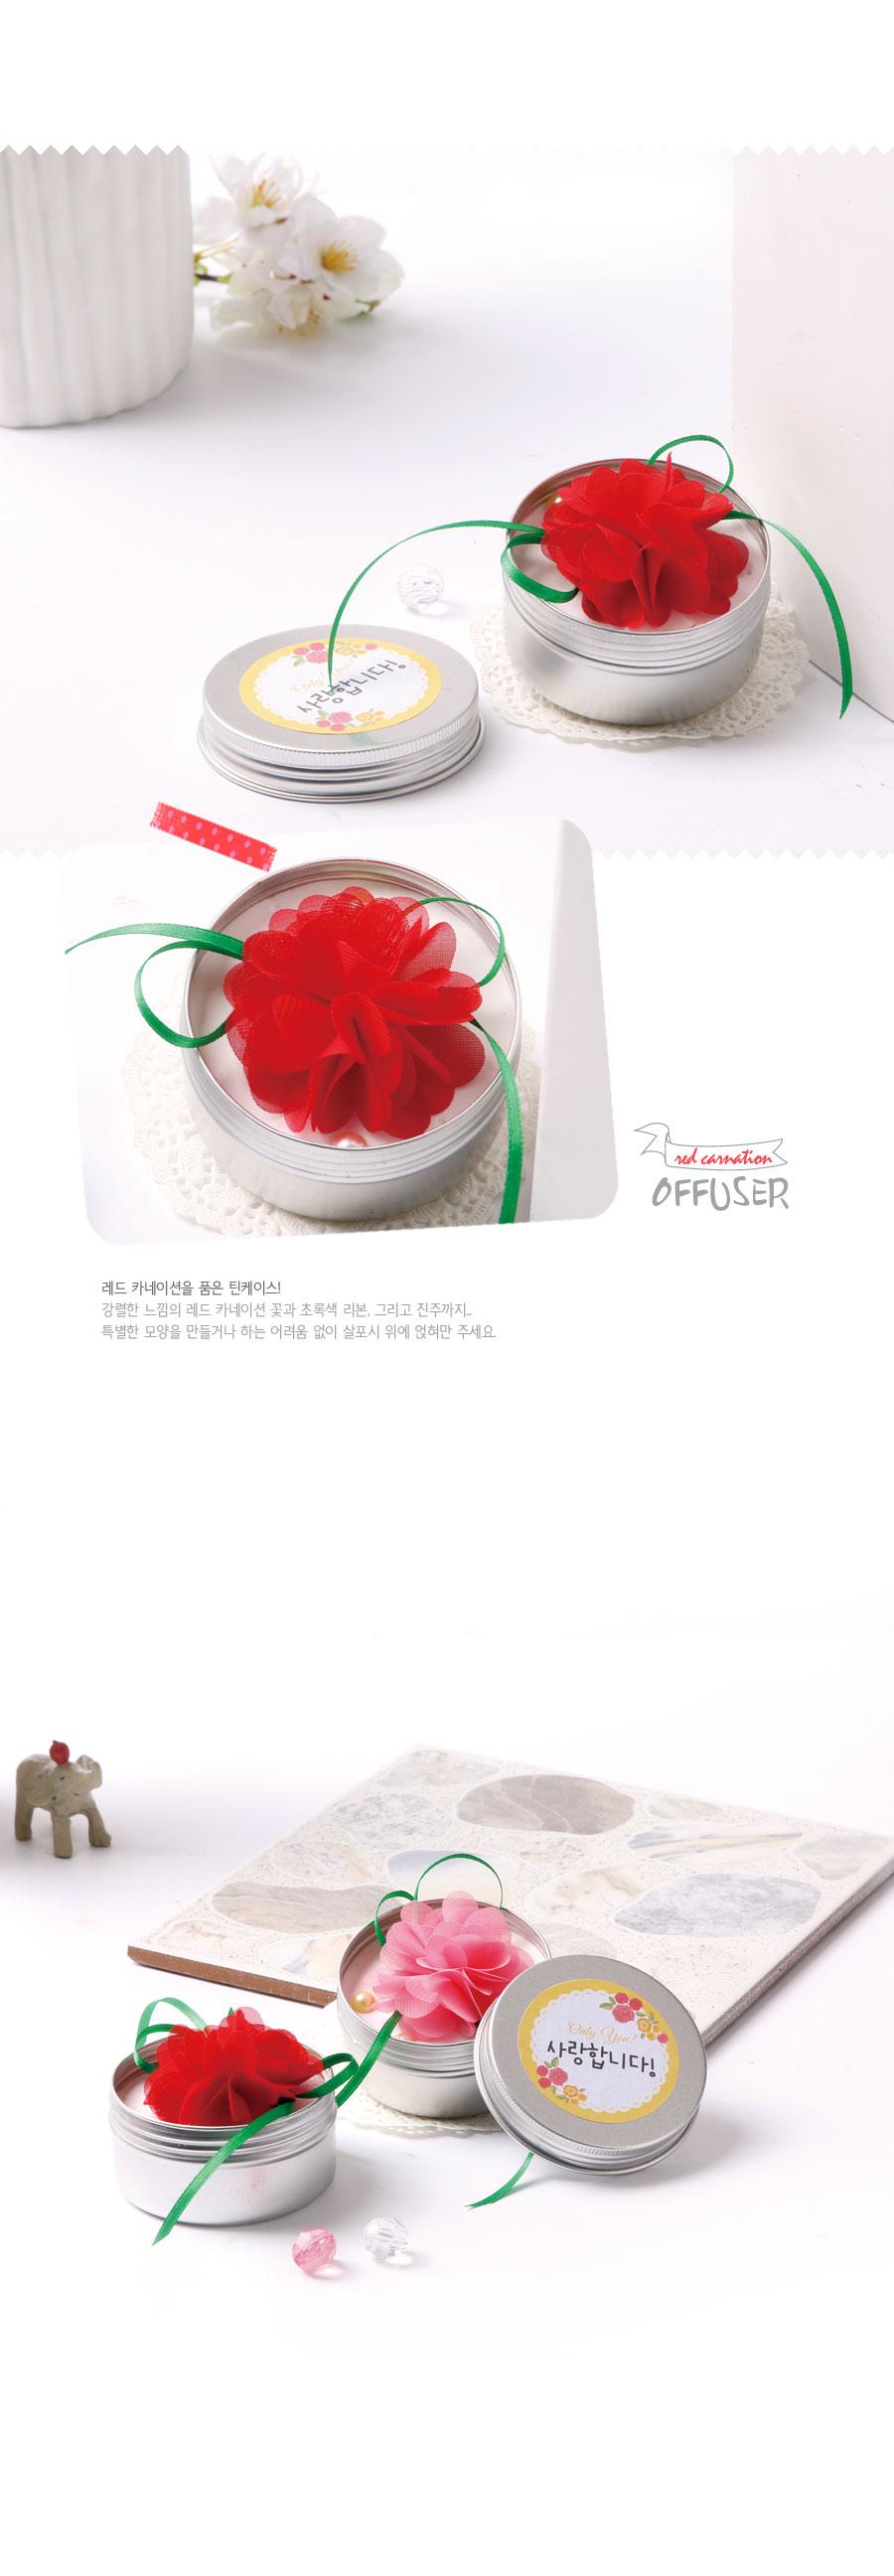 카네이션 석고방향제만들기(10인용) - 아트랄라, 32,000원, 캔들, 캔들 DIY